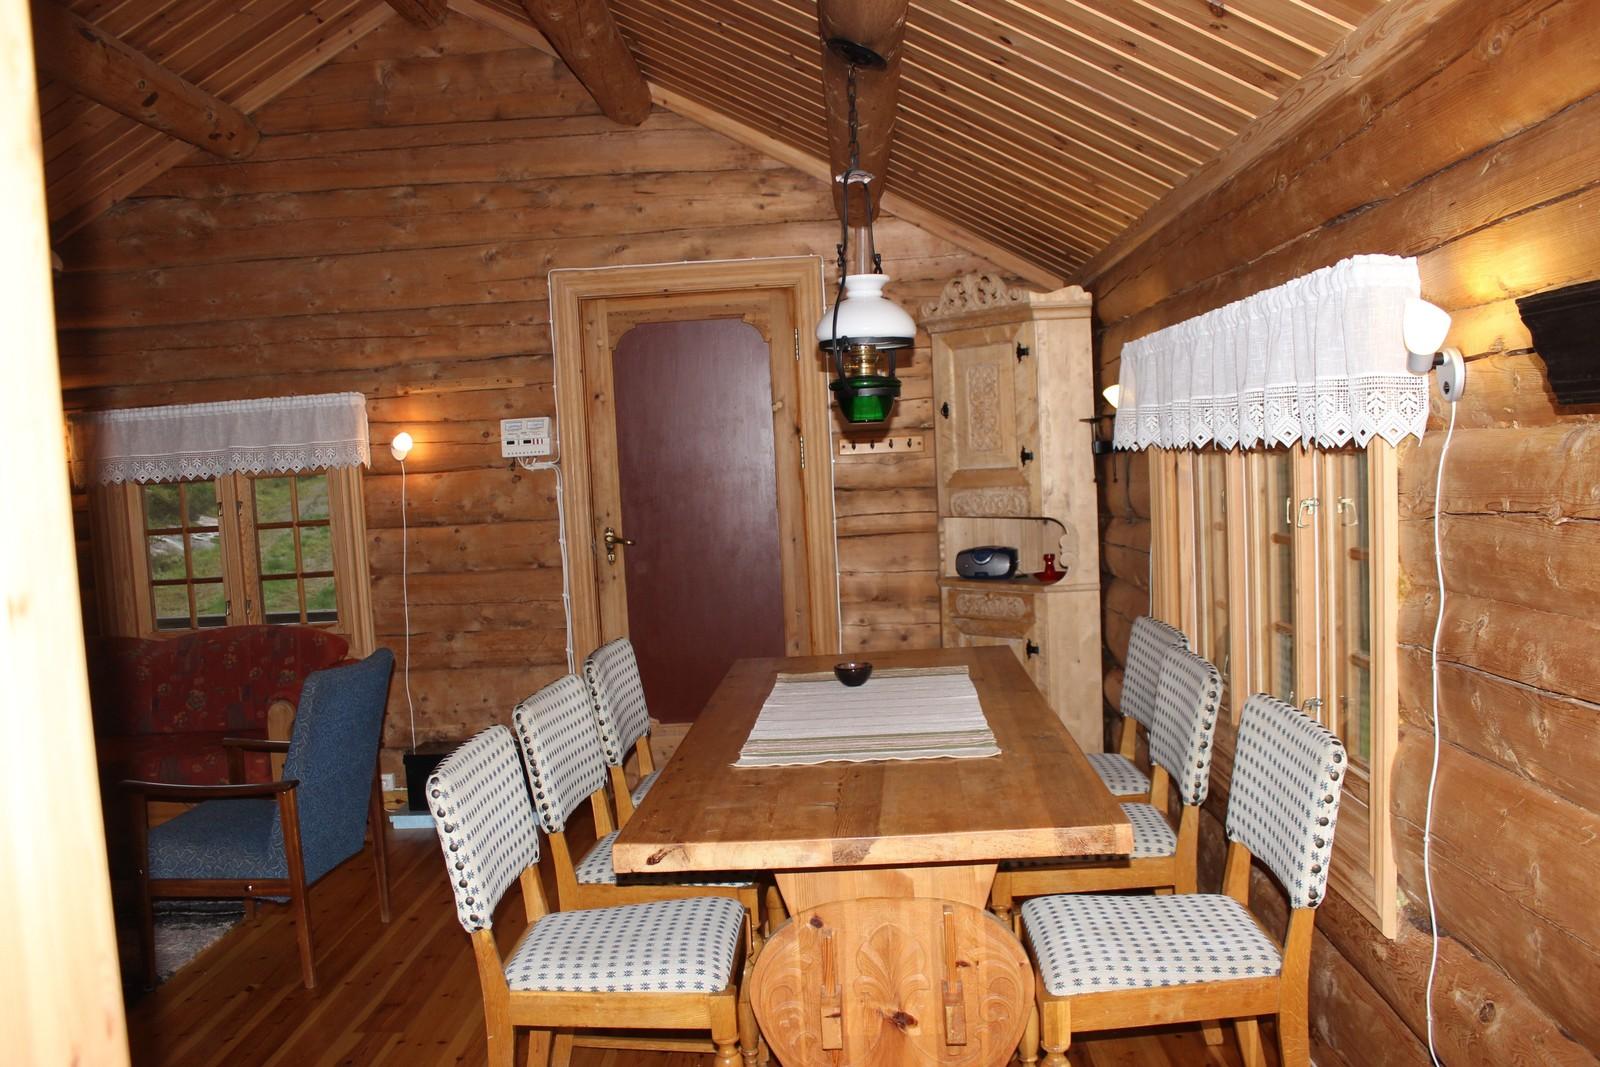 finn no reise feriehus hytteutleie